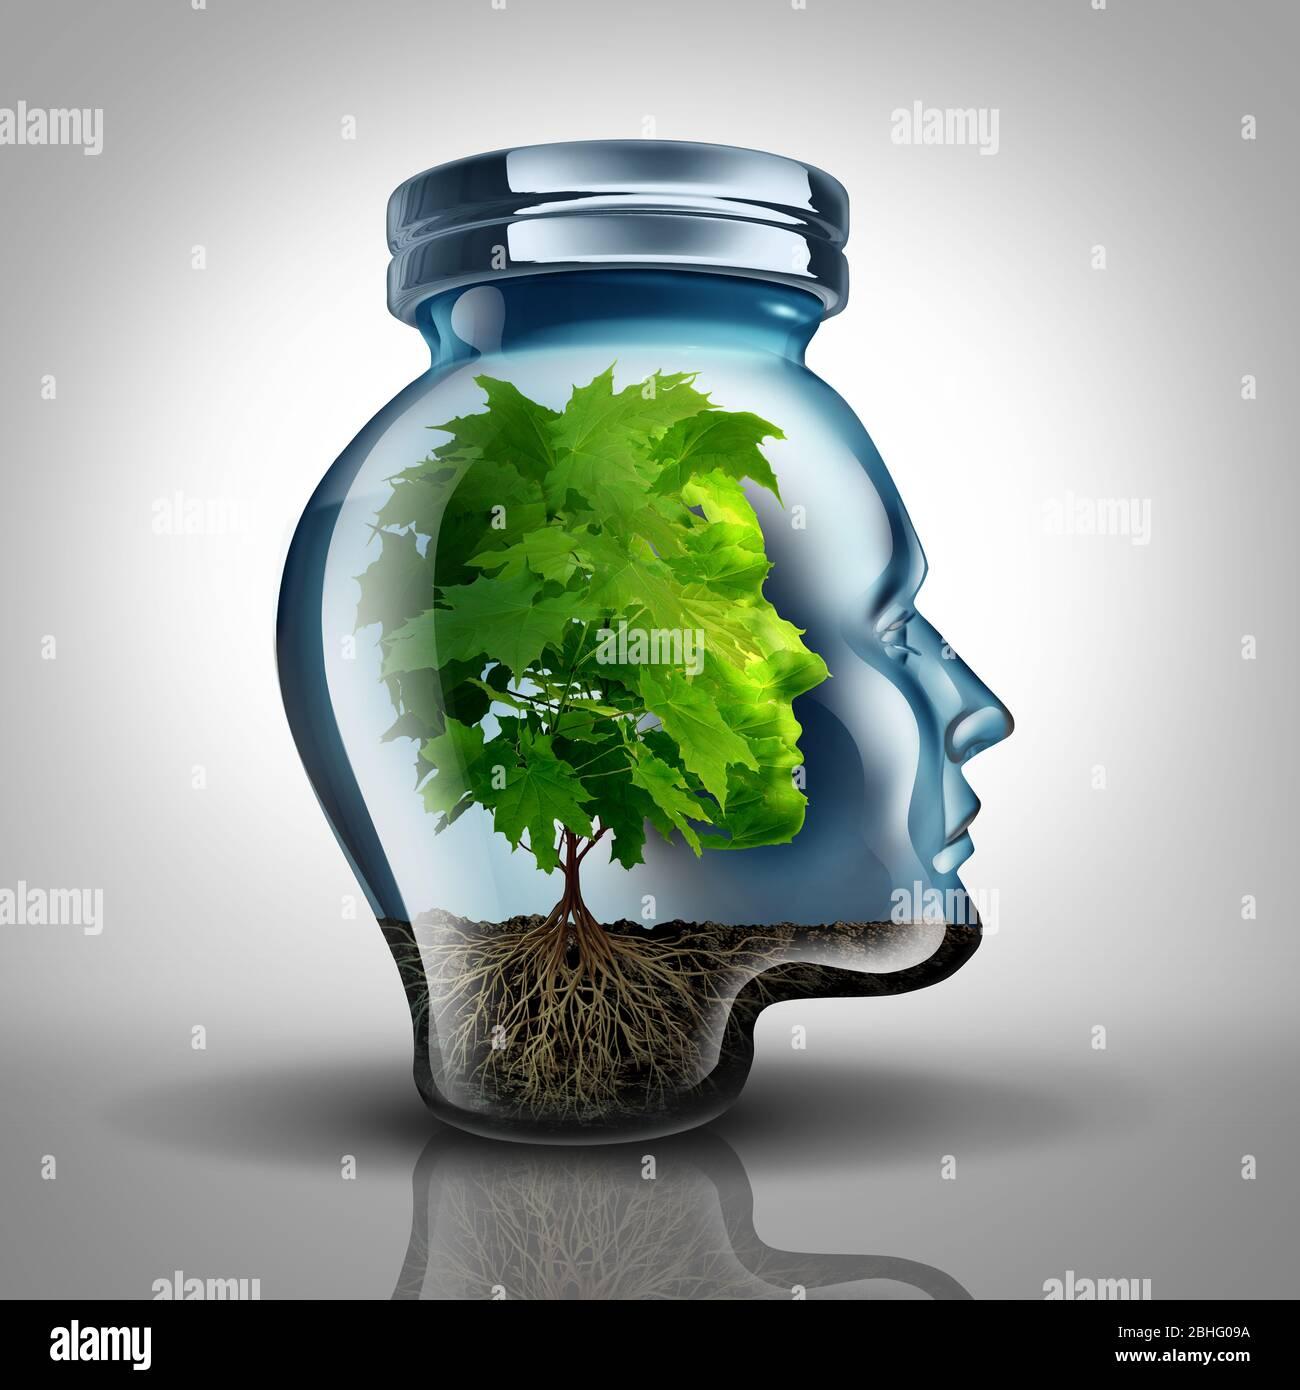 Concept de psychologie de la croissance intérieure et idée de développement personnel comme un pot en verre façonné comme une tête humaine avec un arbre à l'intérieur représentant la santé mentale. Banque D'Images